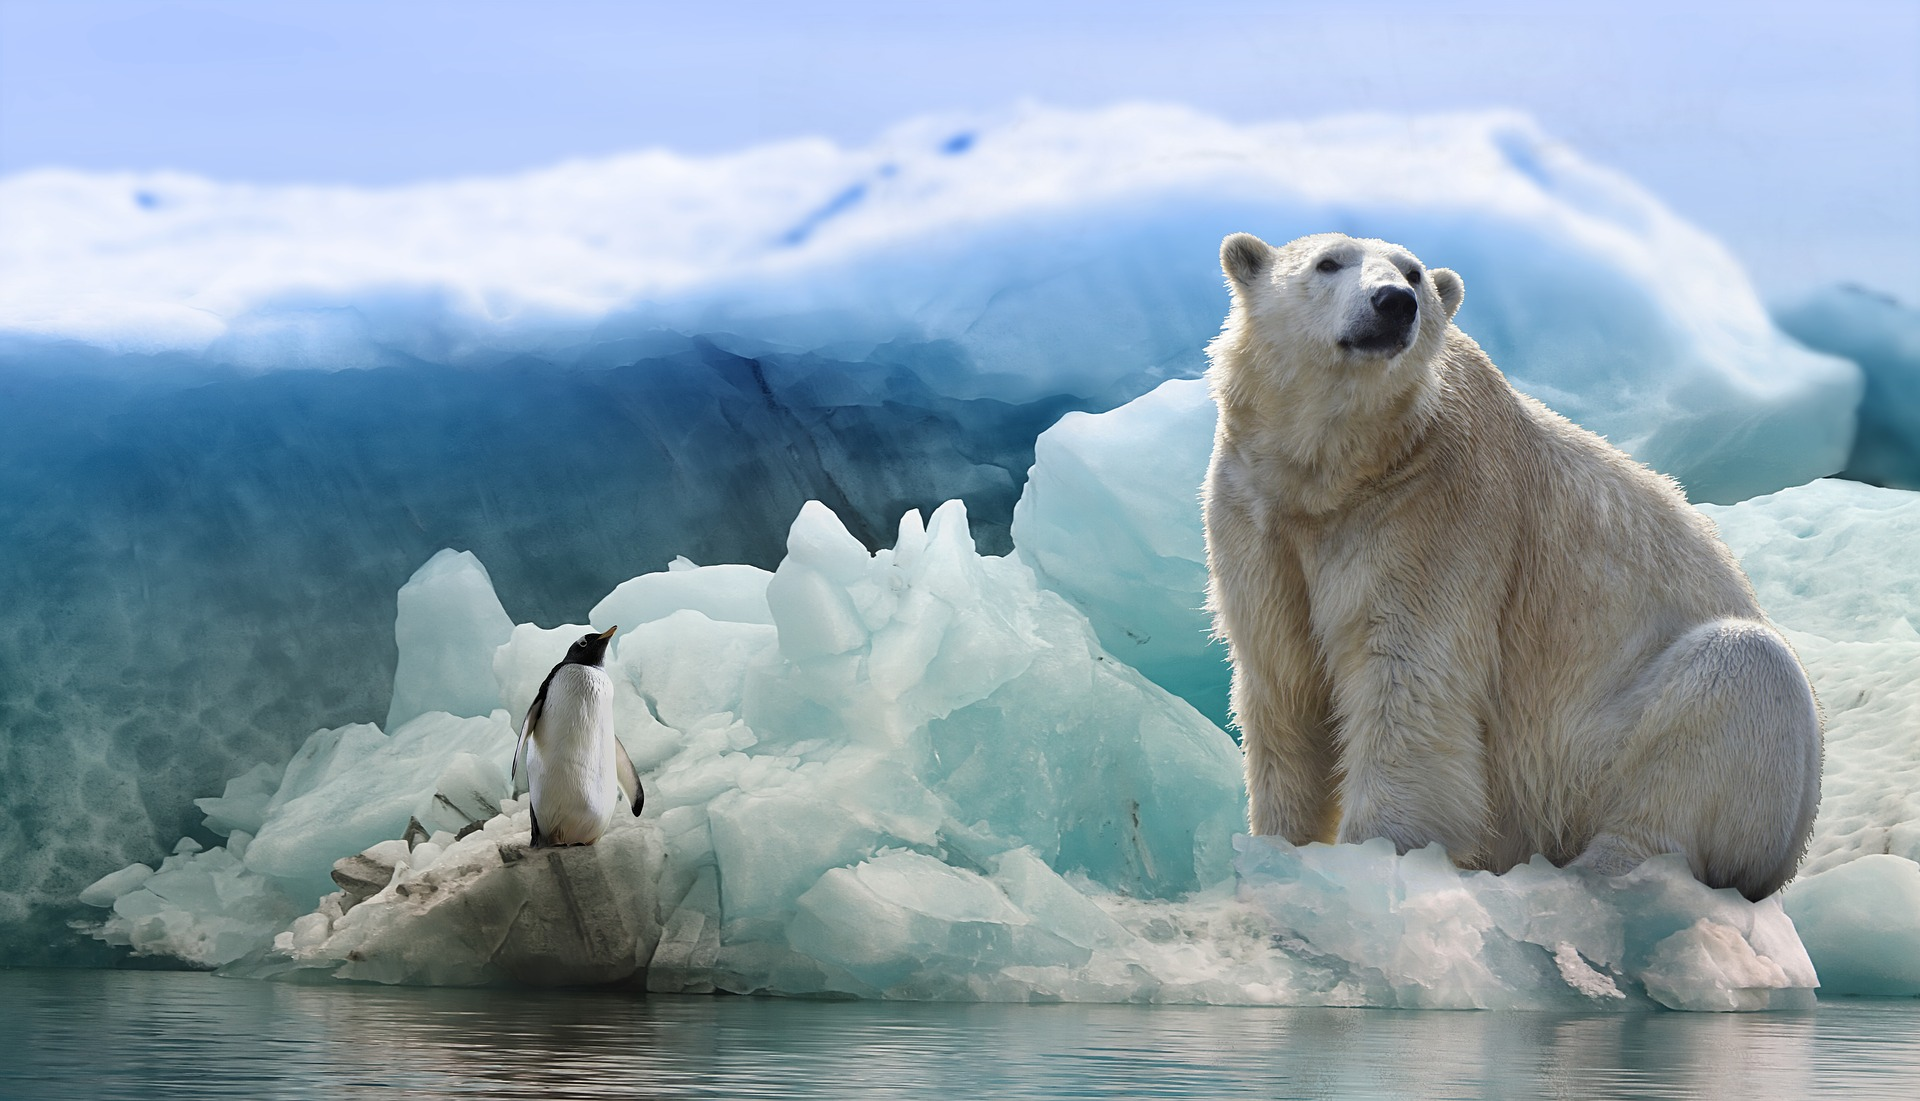 Albino Polar Bear